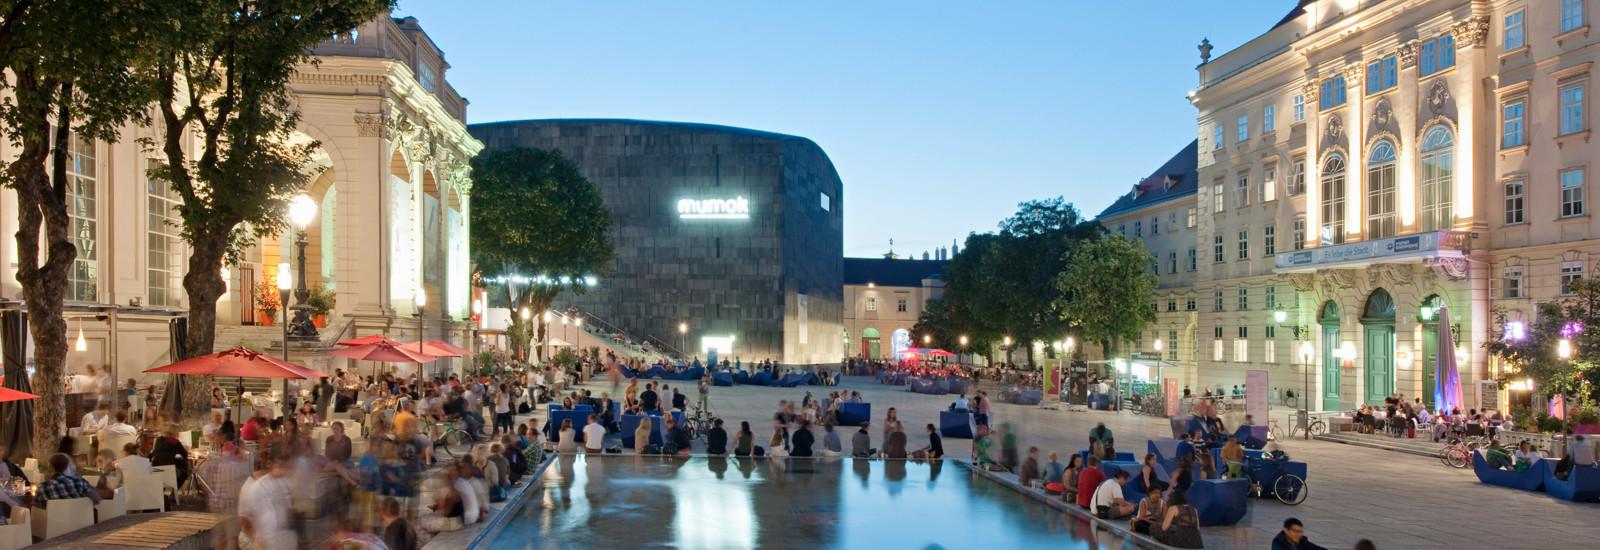 MuseumsQuartier Wien am Abend